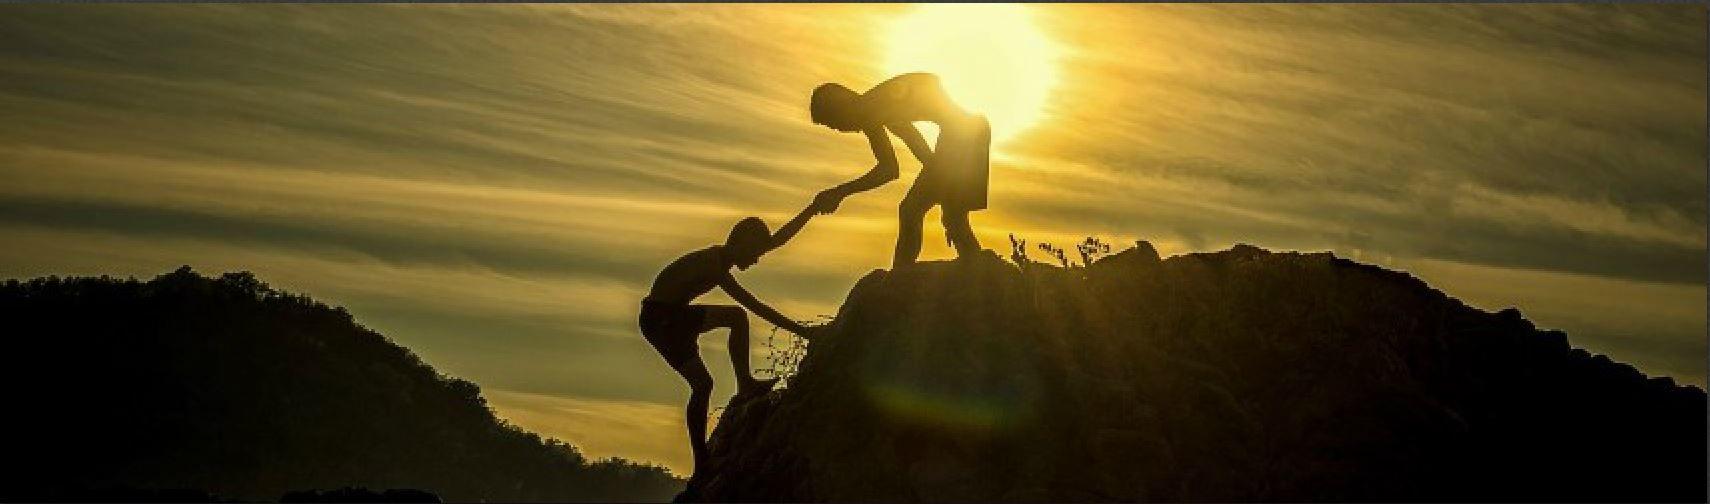 ¿Cómo ayudar a alguien con dificultades económicas?